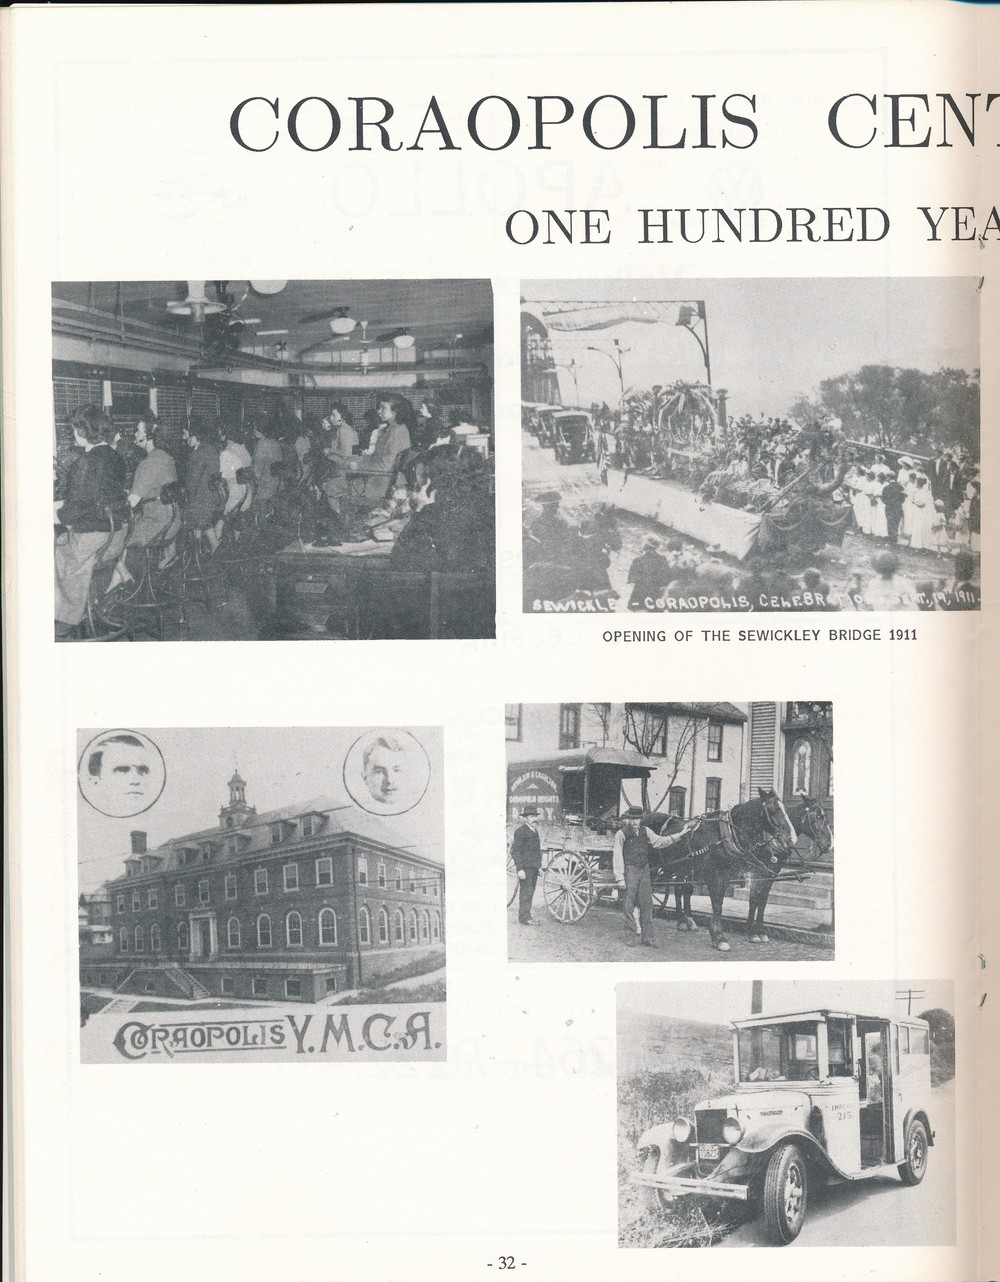 Coraopolis Centennial Booklet (34).jpg